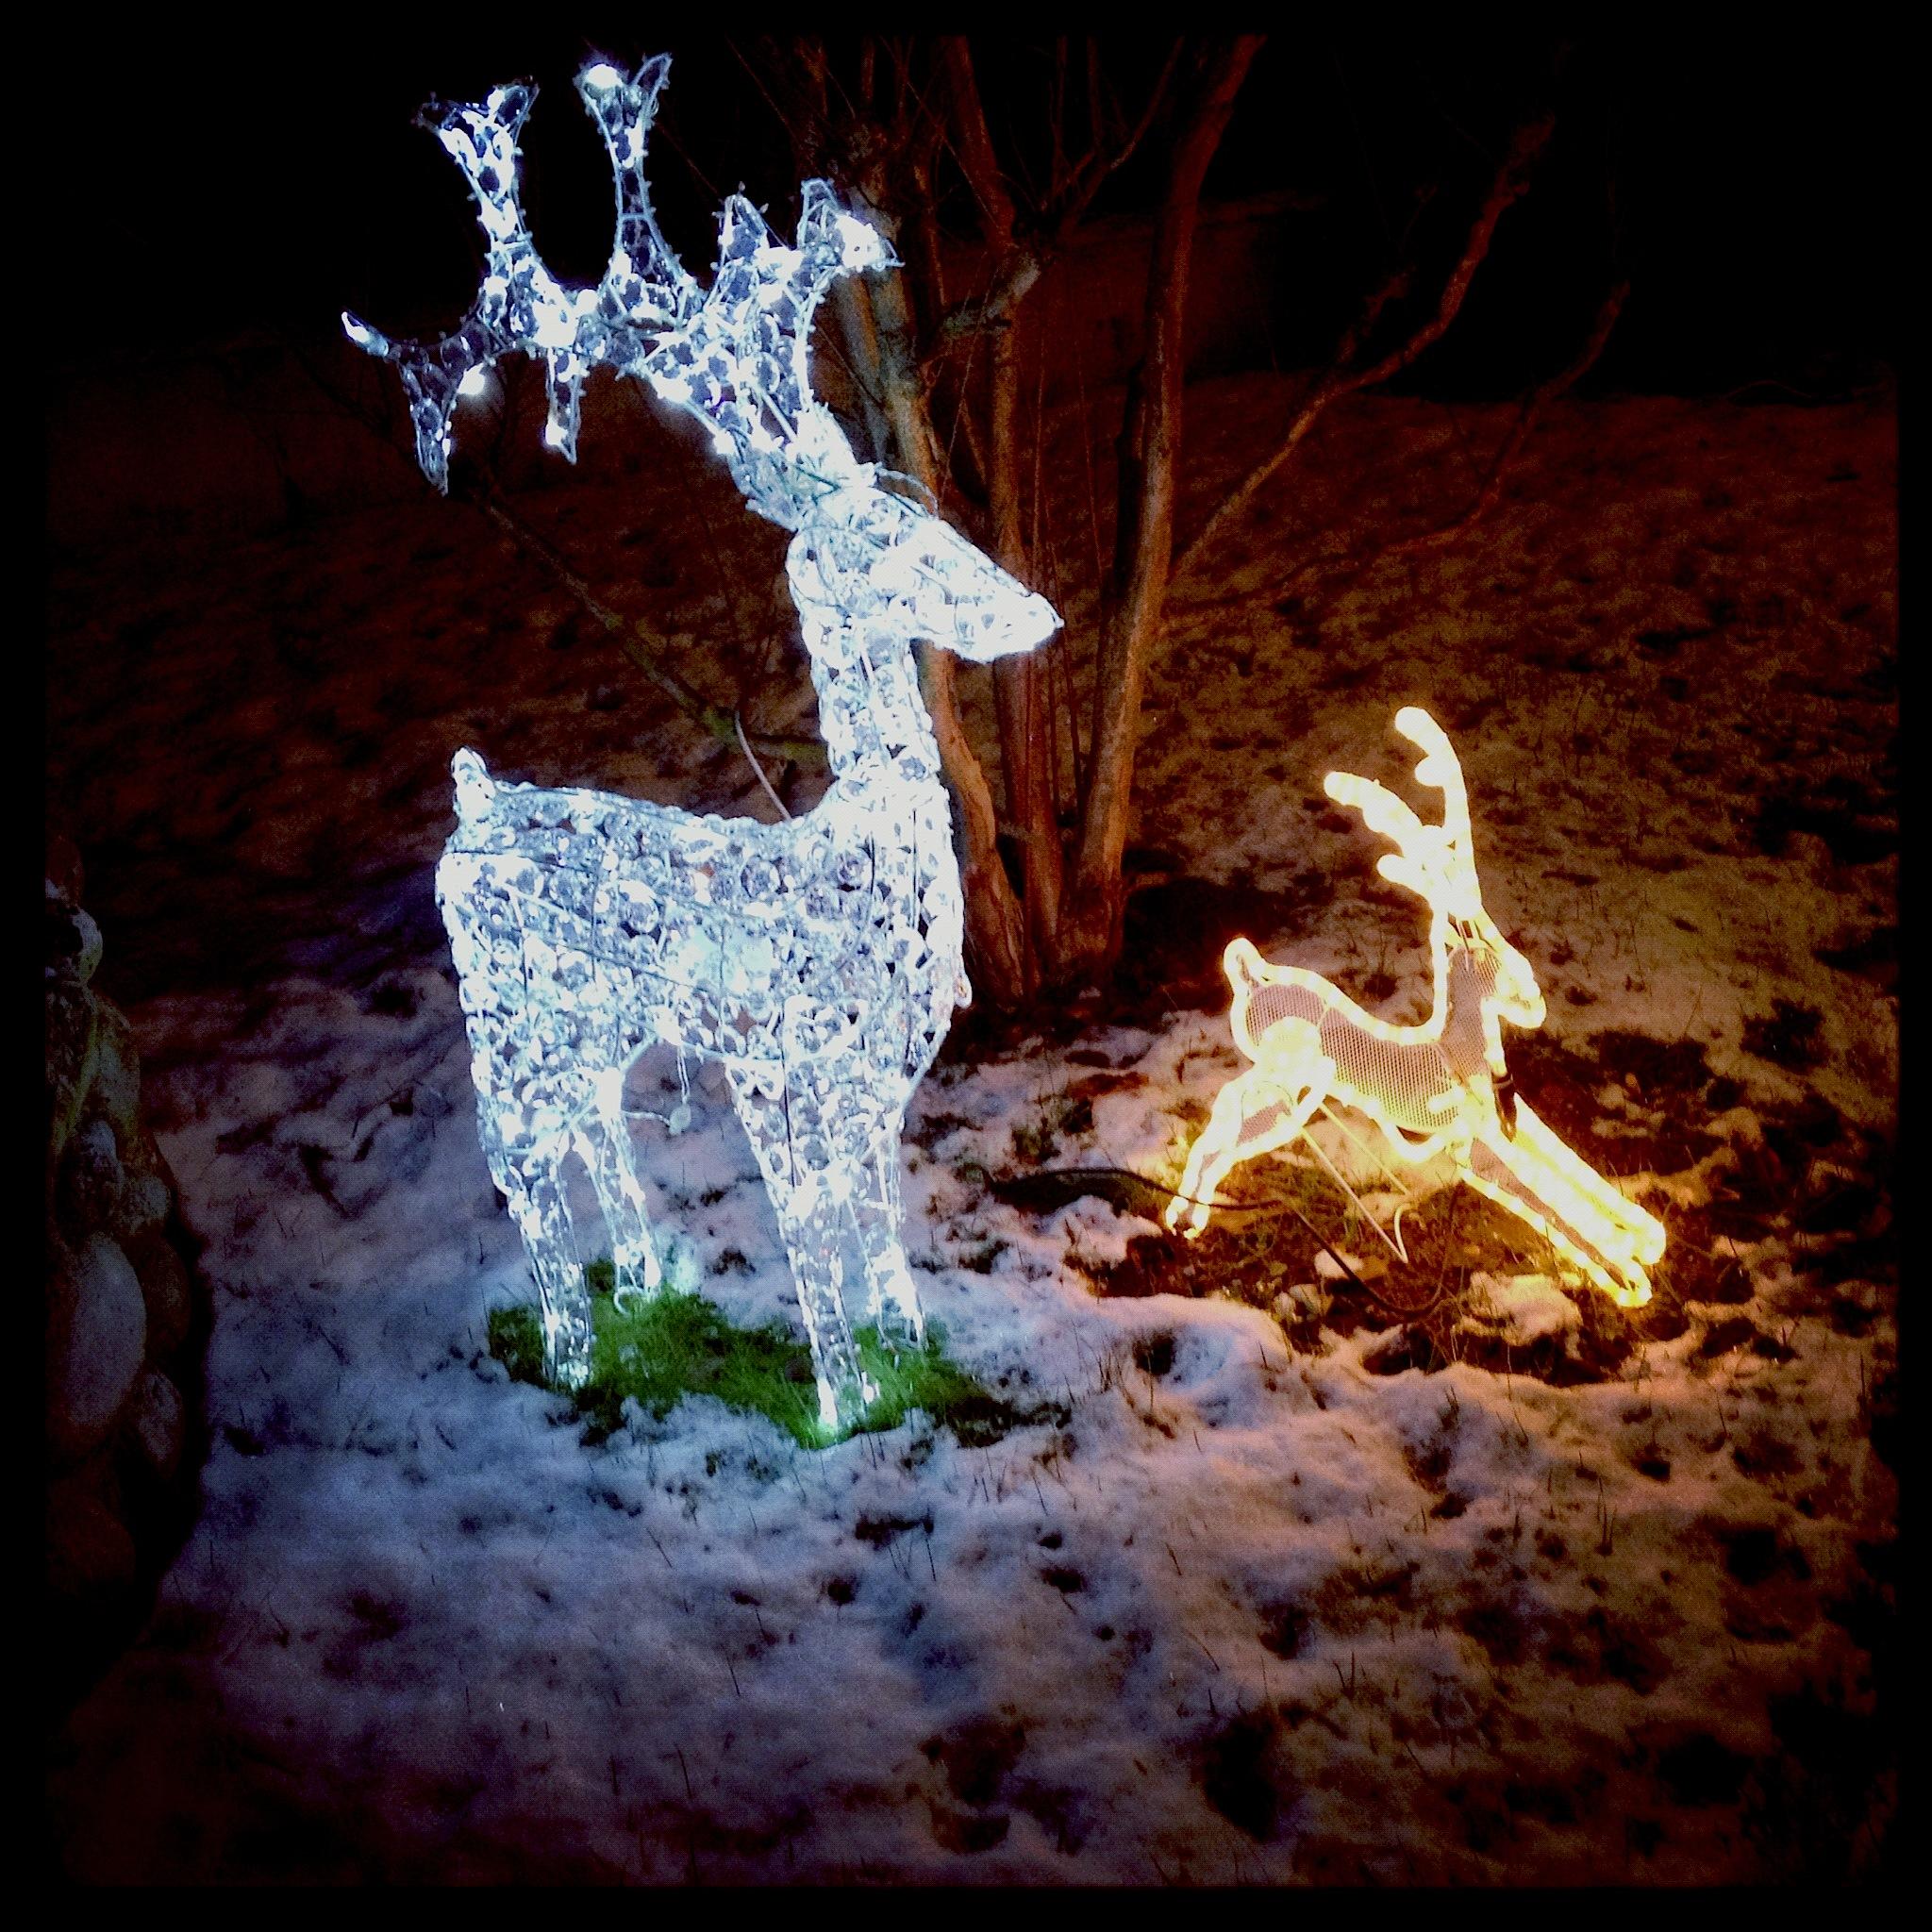 #6A3618 Les Trois Chêne à L'heure Des Décorations De Noël Signé  5435 decorations de noel geneve 2048x2048 px @ aertt.com